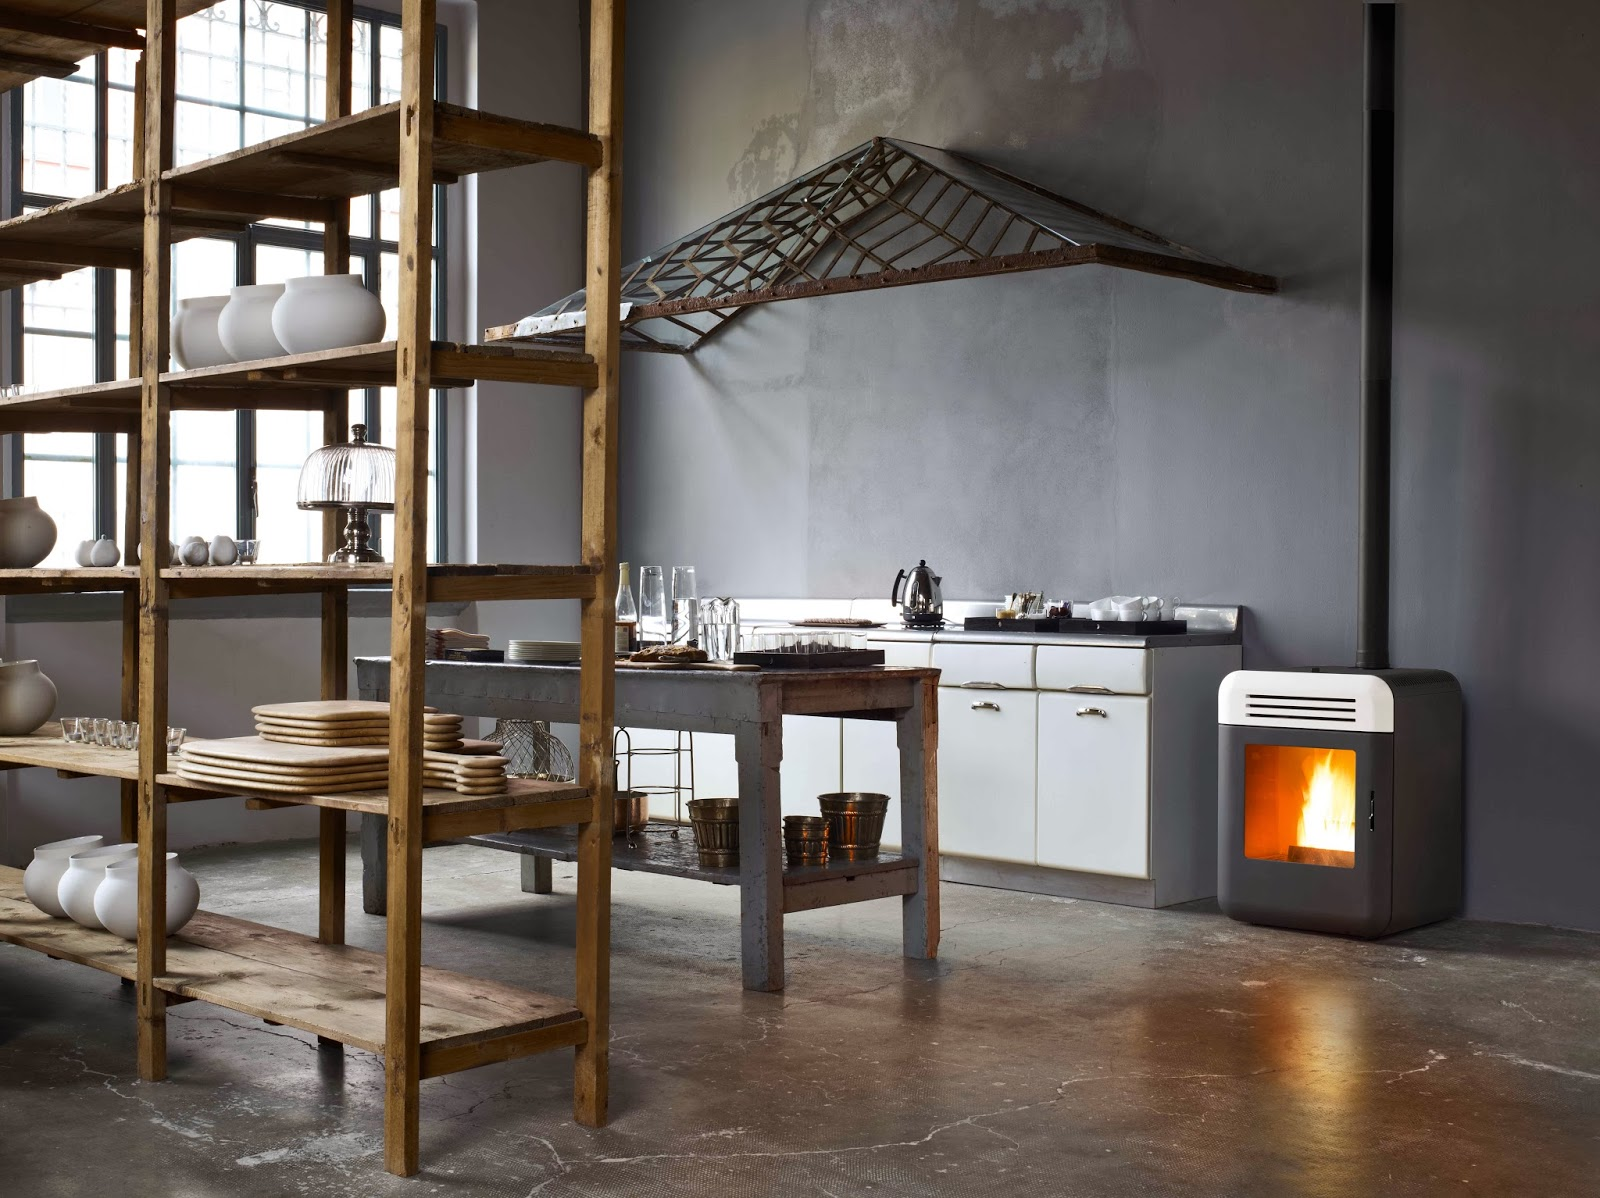 Stufa thema design e calore blog di arredamento e - Stufa pirolitica per interni ...